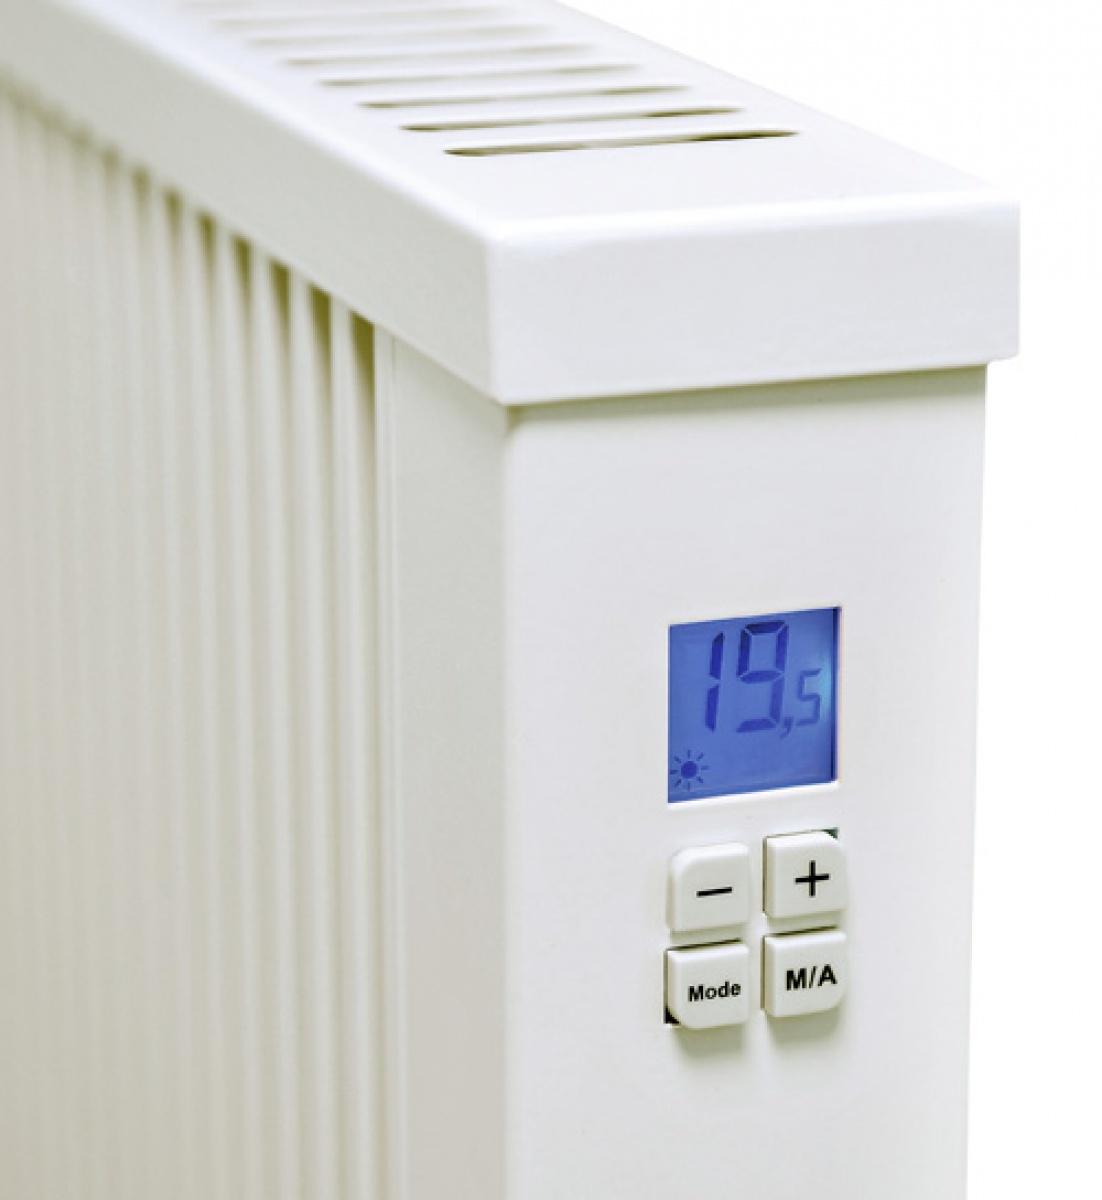 Radiateur Electrique A Brique Refractaire Thermostat Integre Electro System